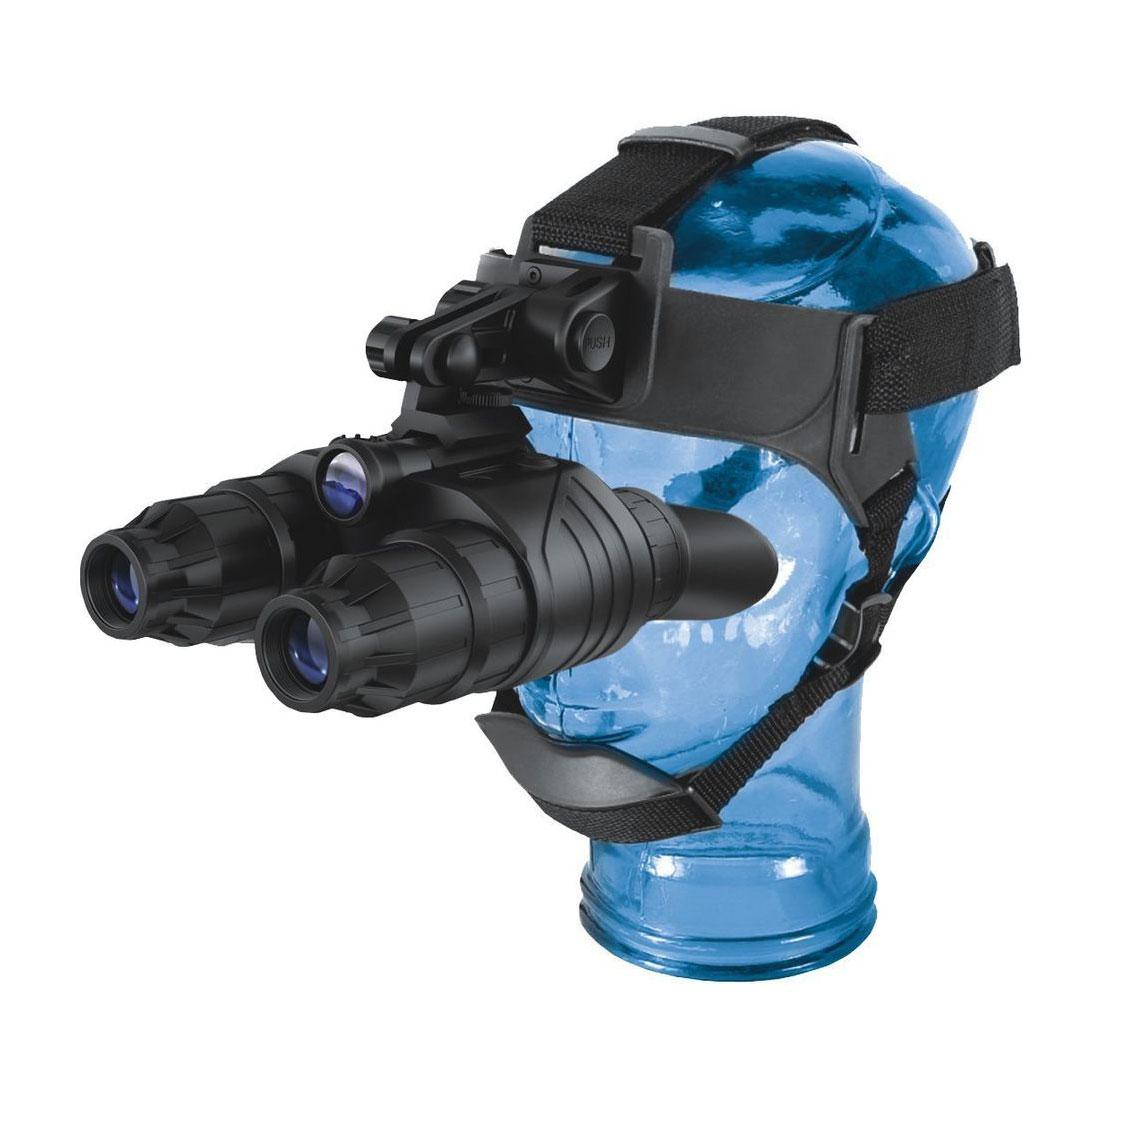 Очки ночного видения Pulsar Edge GS 1x20 - артикул: 755960444